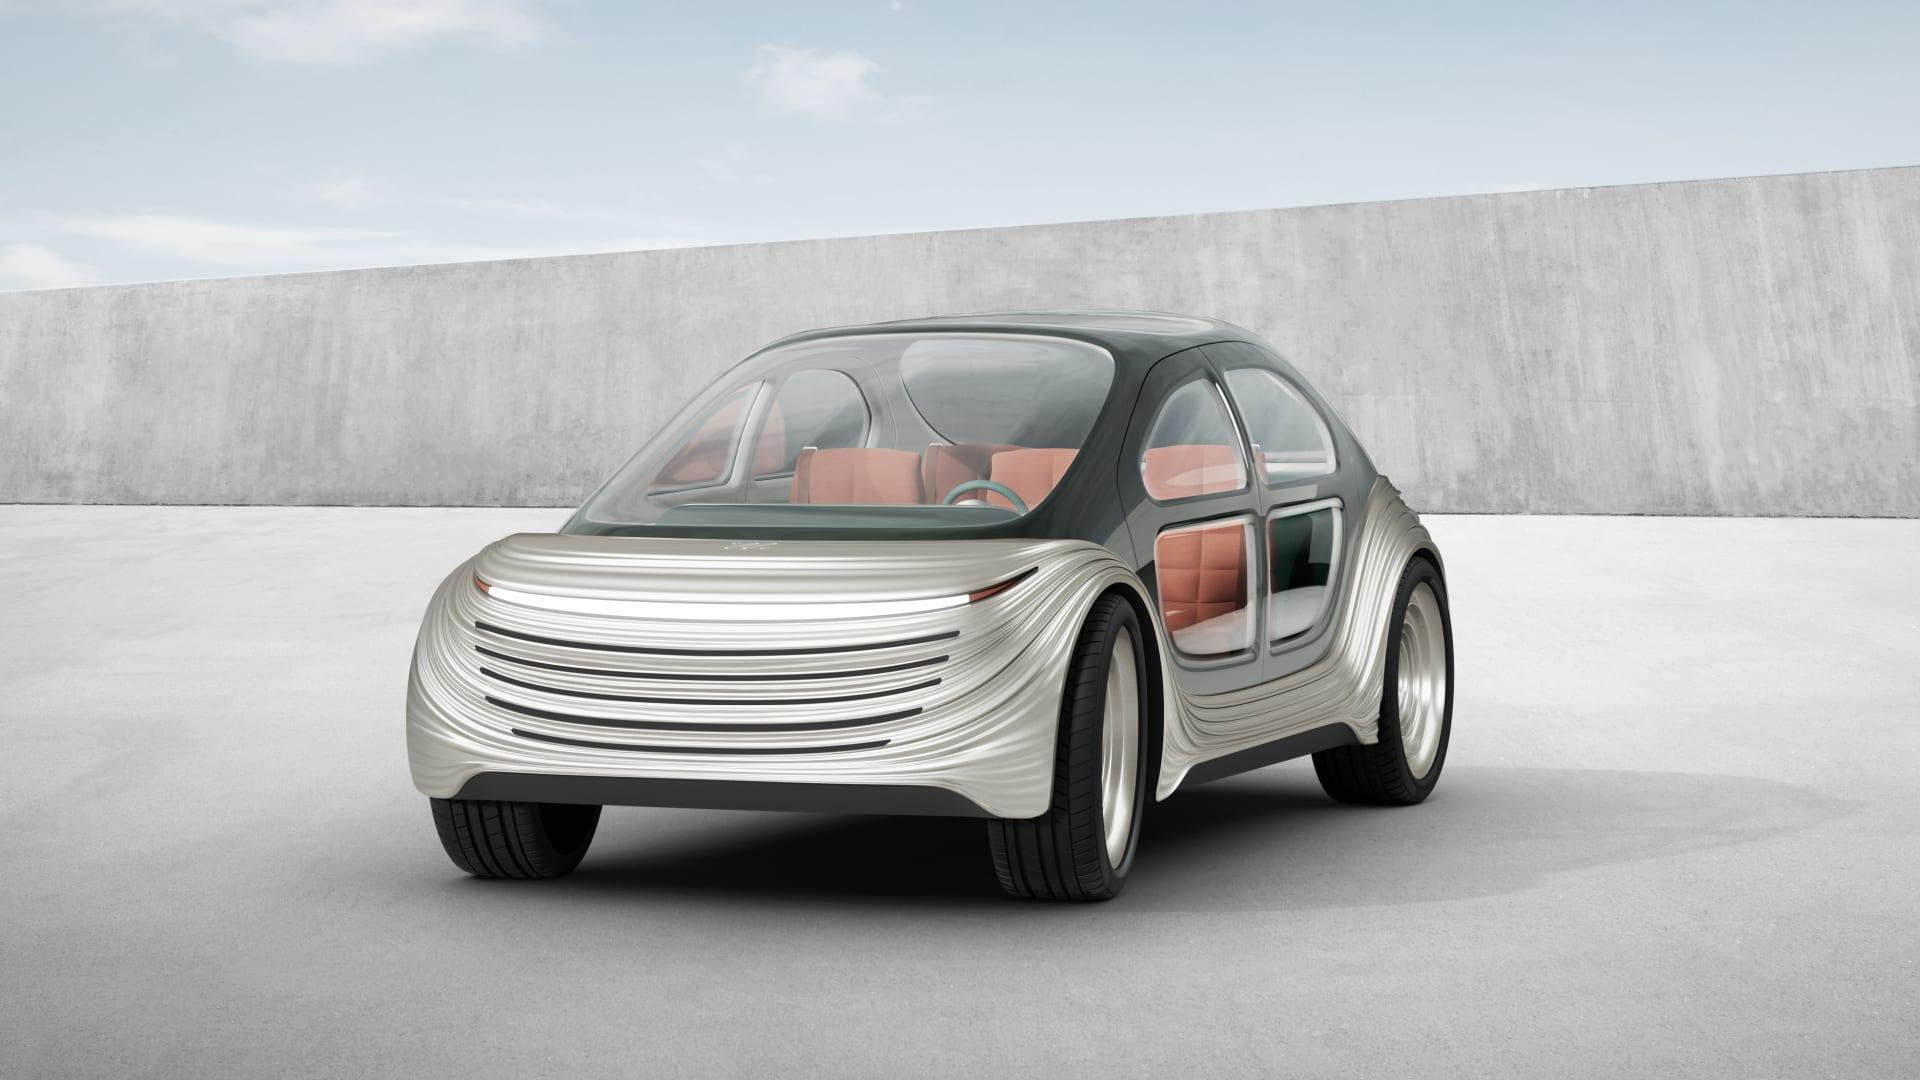 تتحول لغرفة نوم مريحة وغرفة طعام.. تعيد هذه السيارة الكهربائية تصور مستقبل النقل